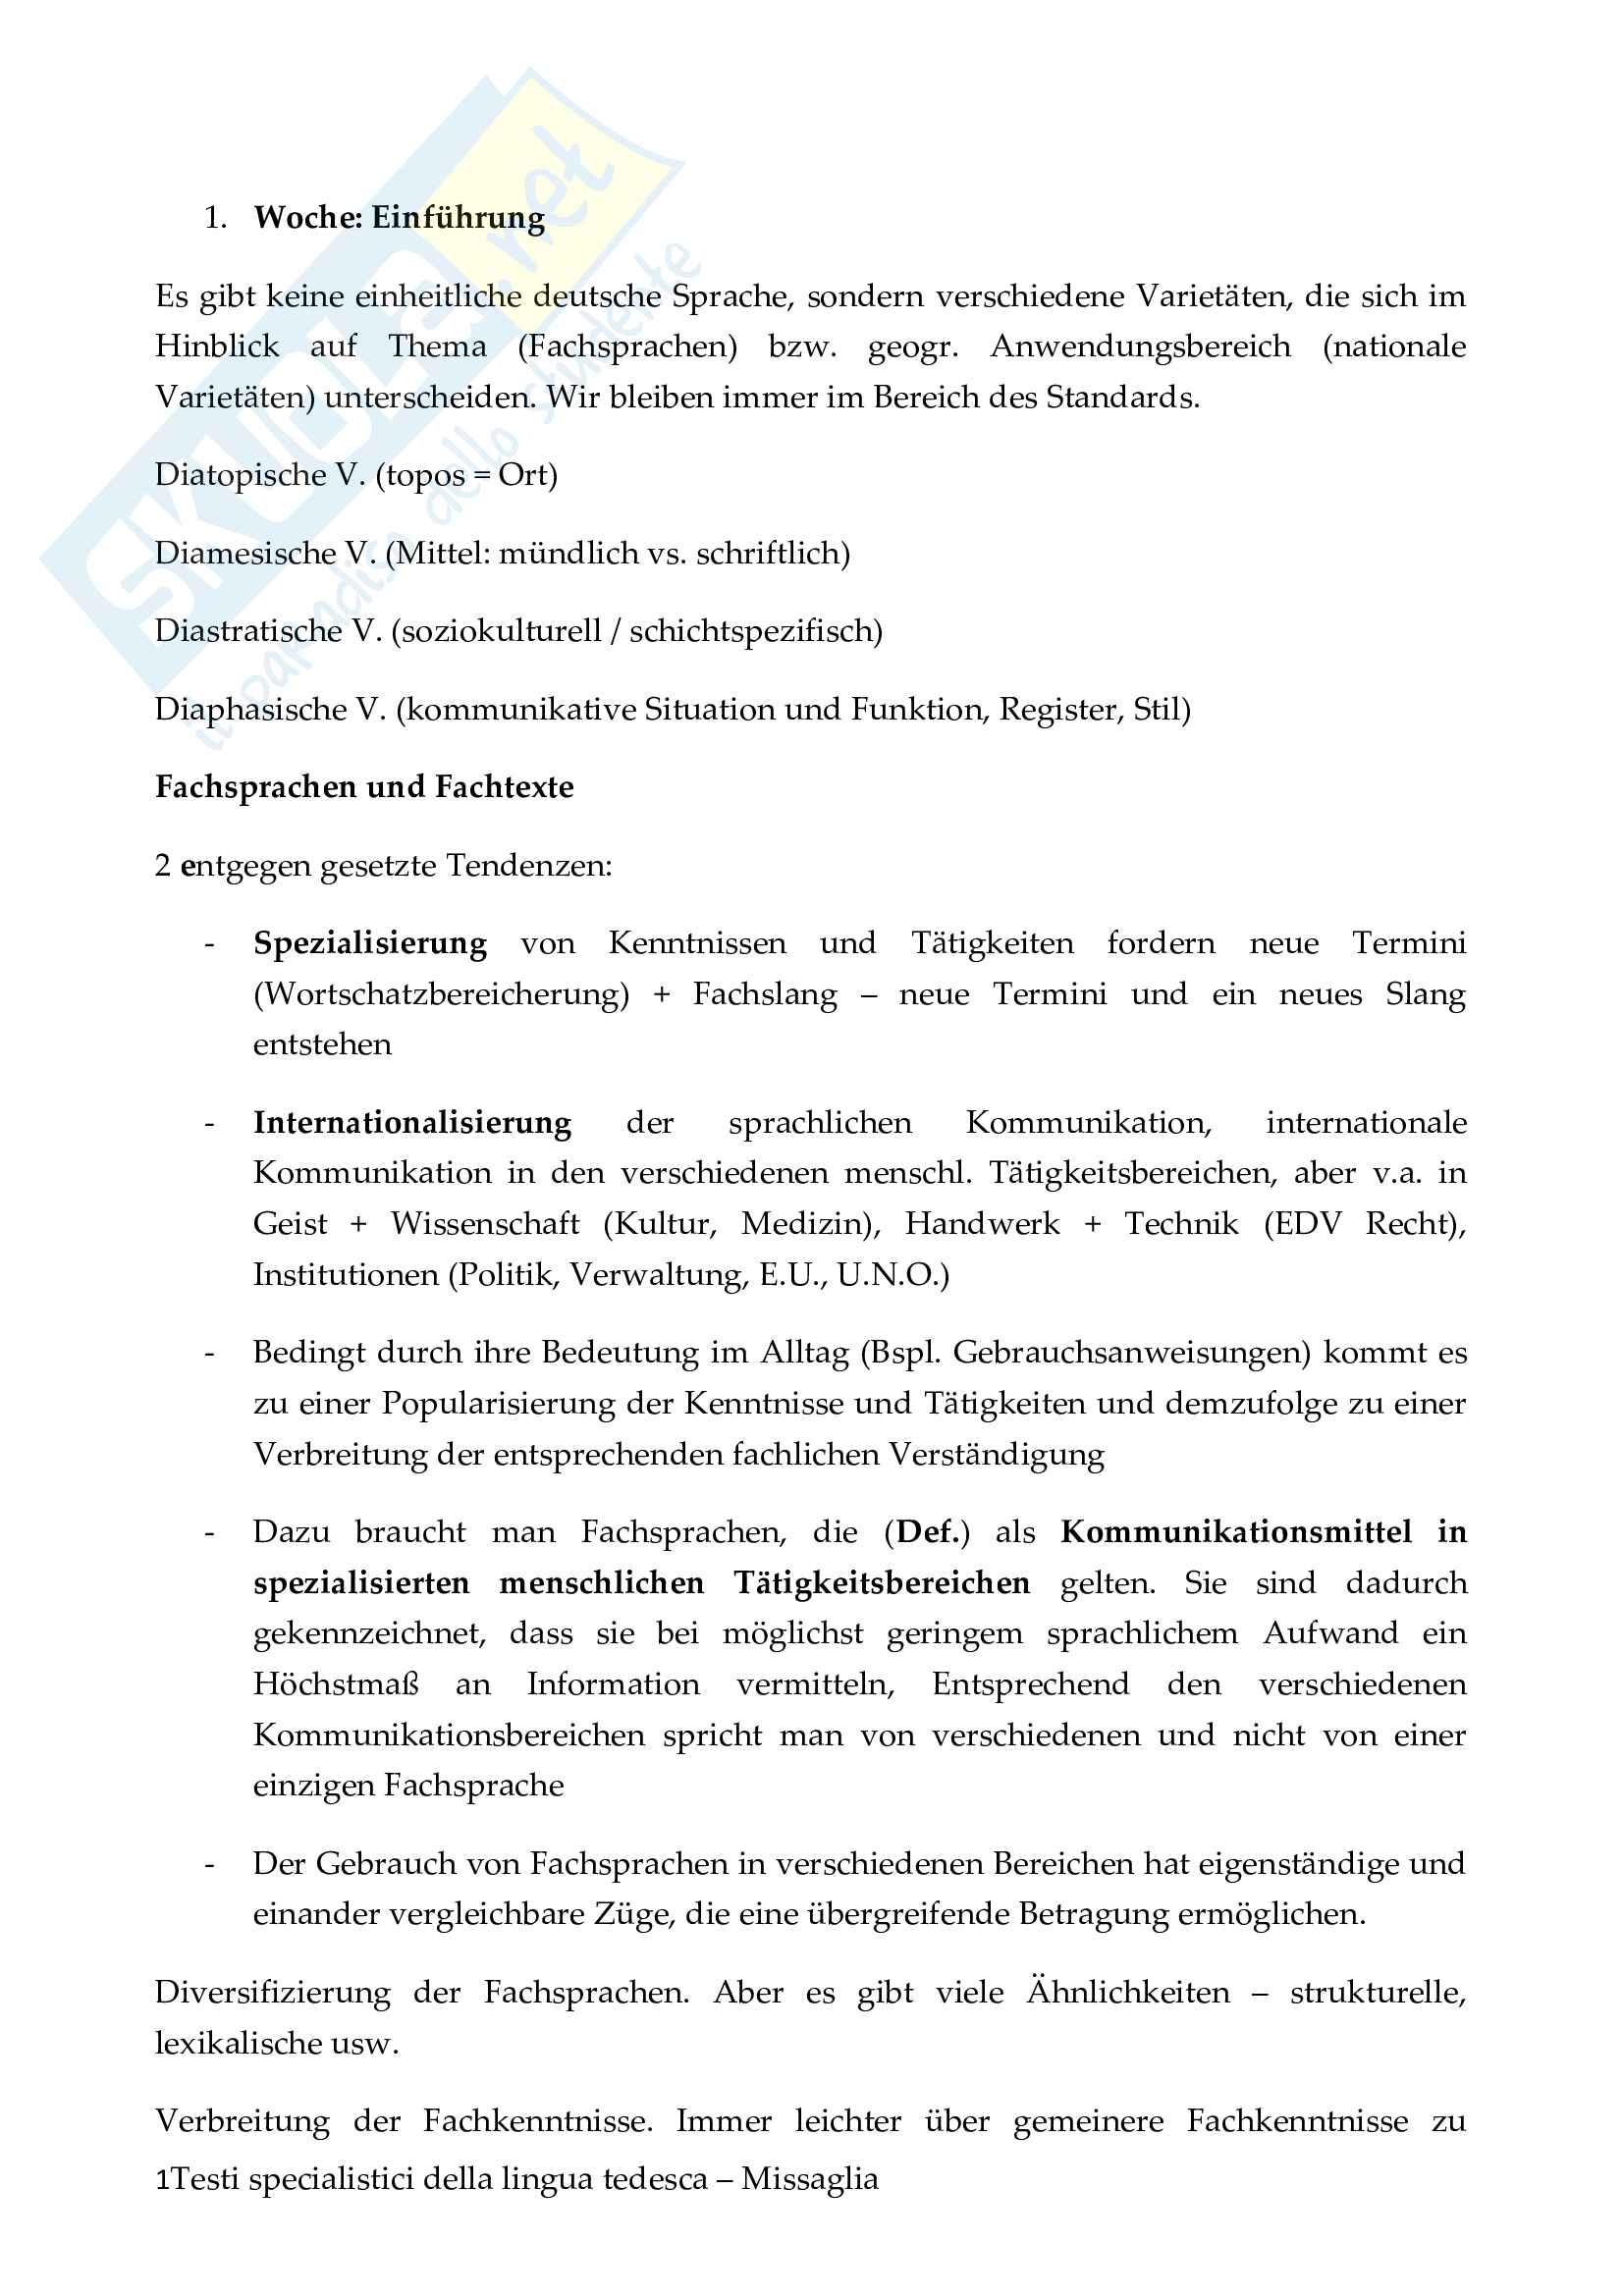 Testi specialistici della lingua tedesca